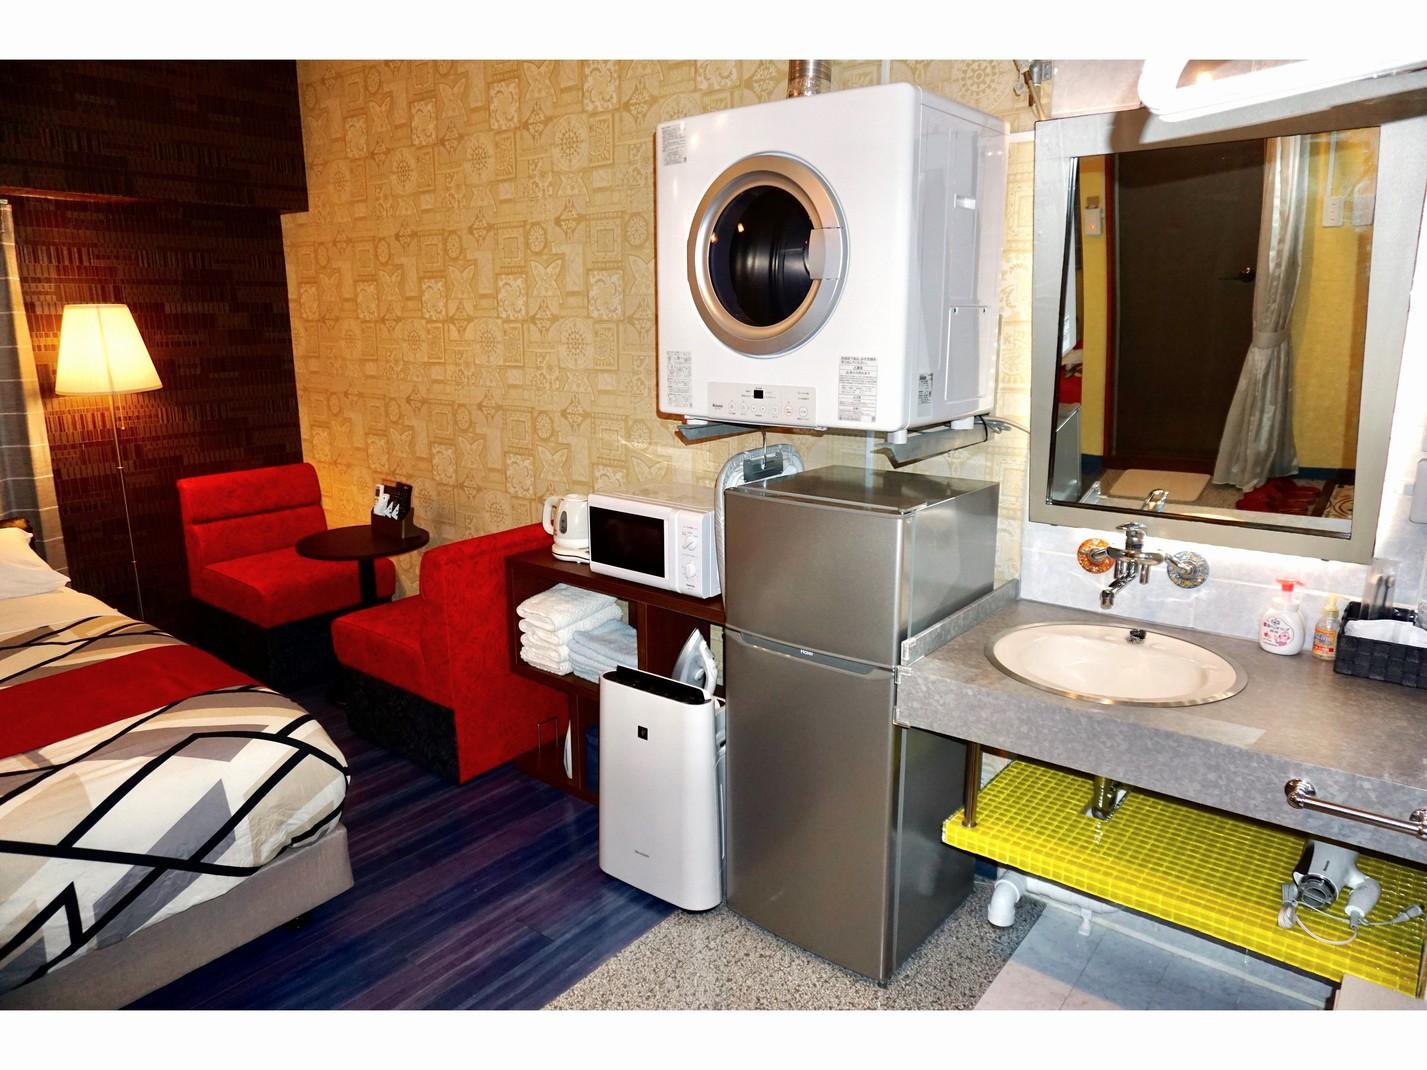 あると便利♪無料で衣類乾燥機をご利用になれます♪